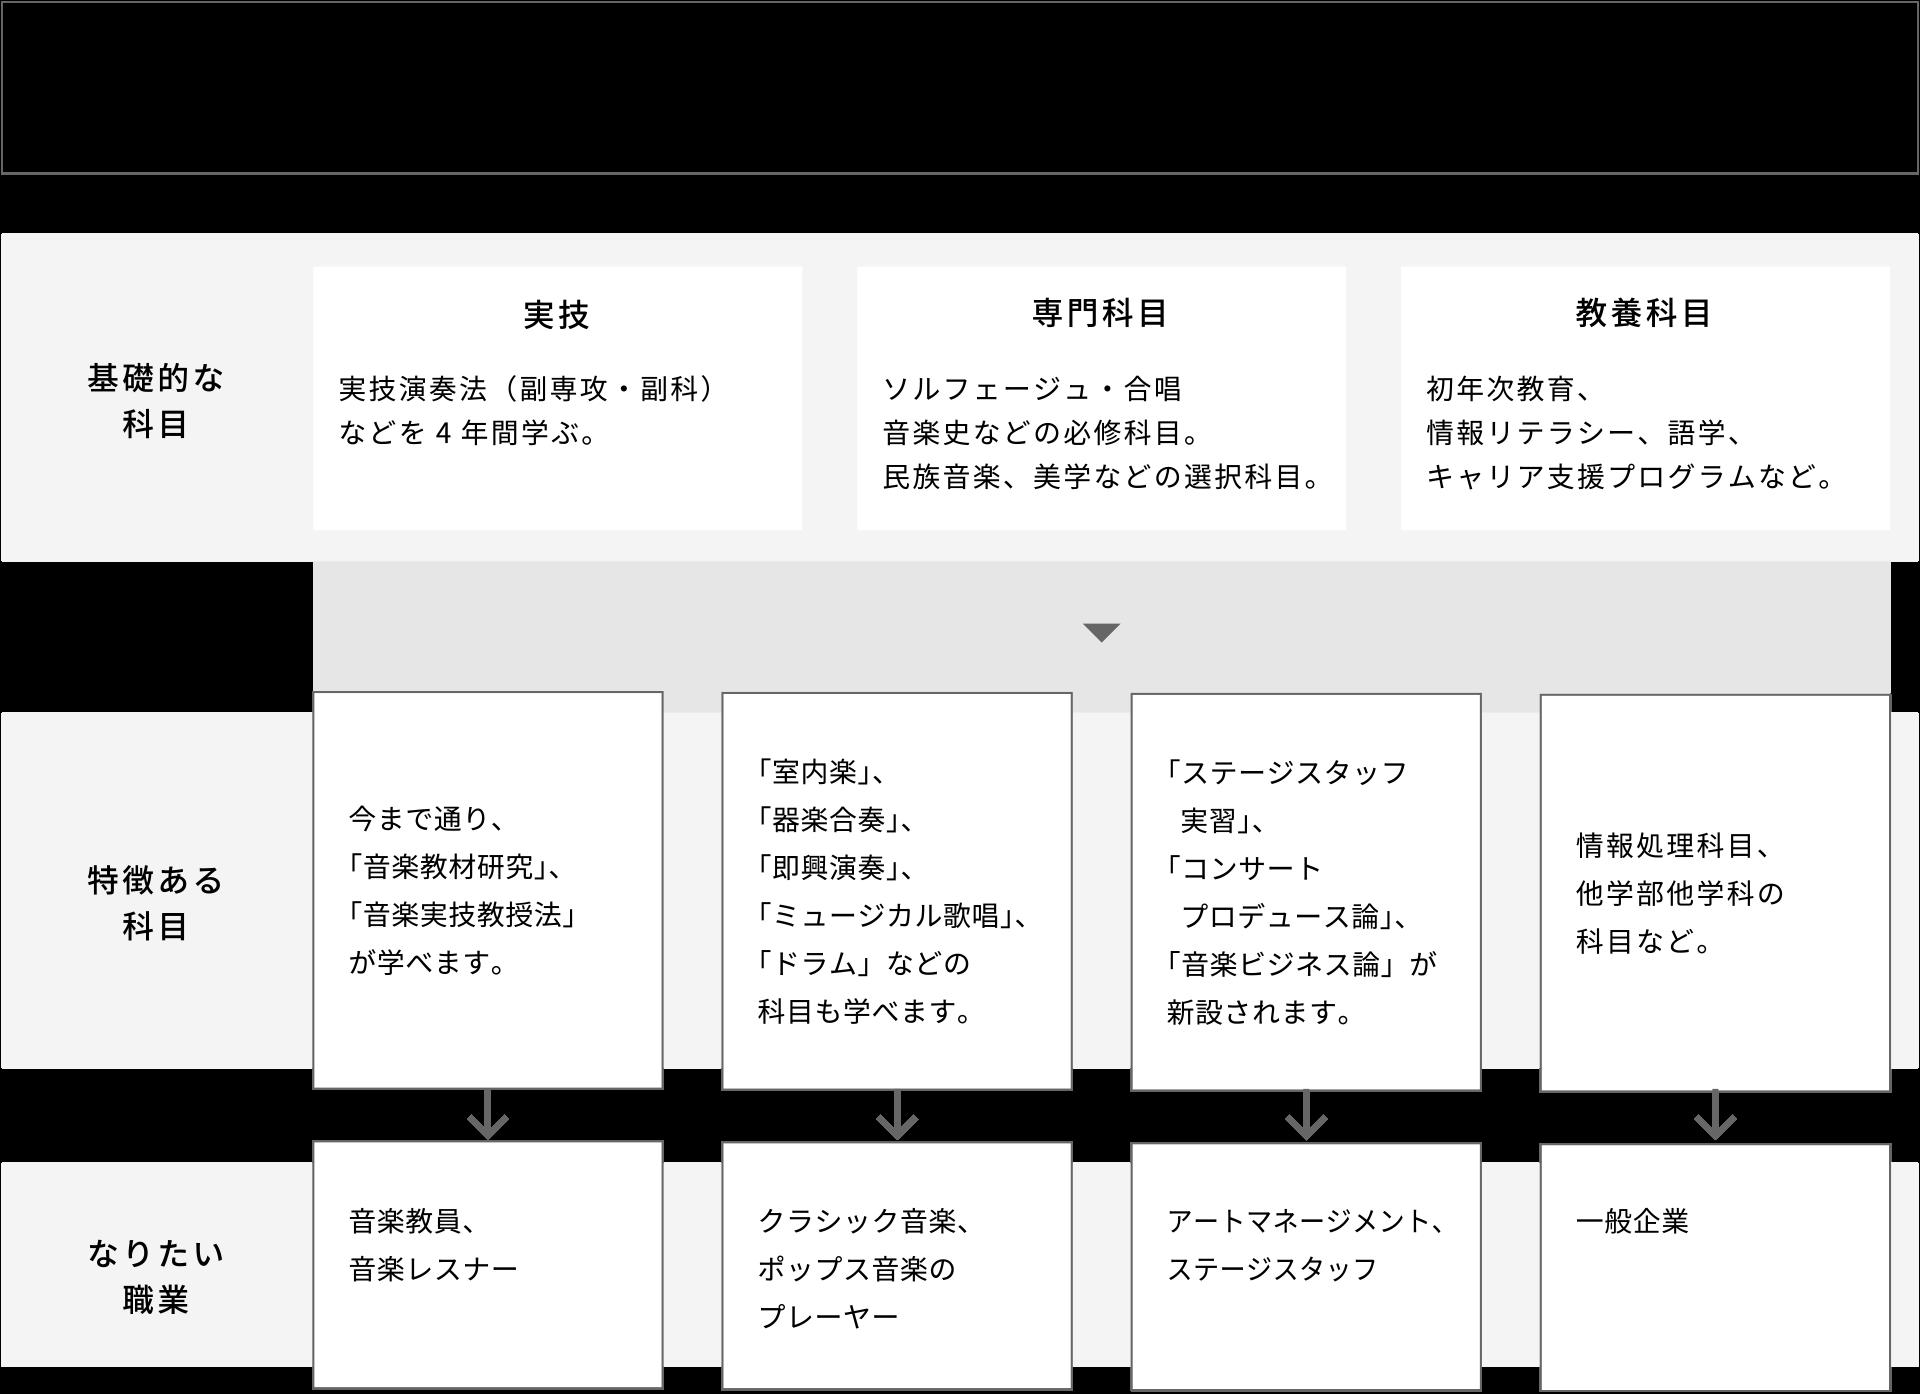 音楽総合コース 学びのイメージ図